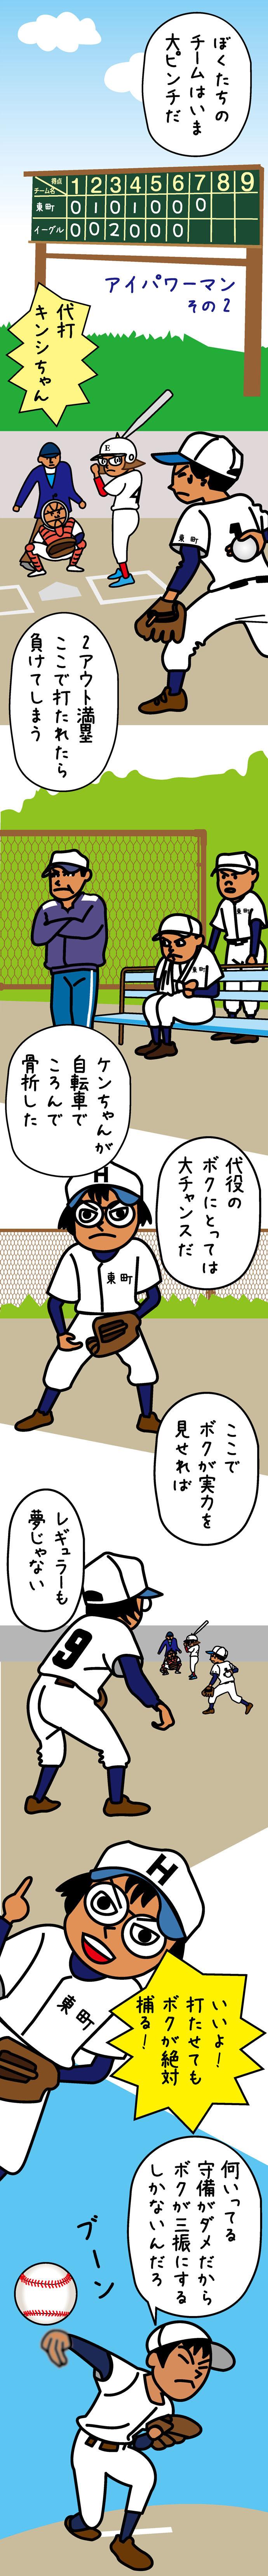 アイパワーマン_野球編03